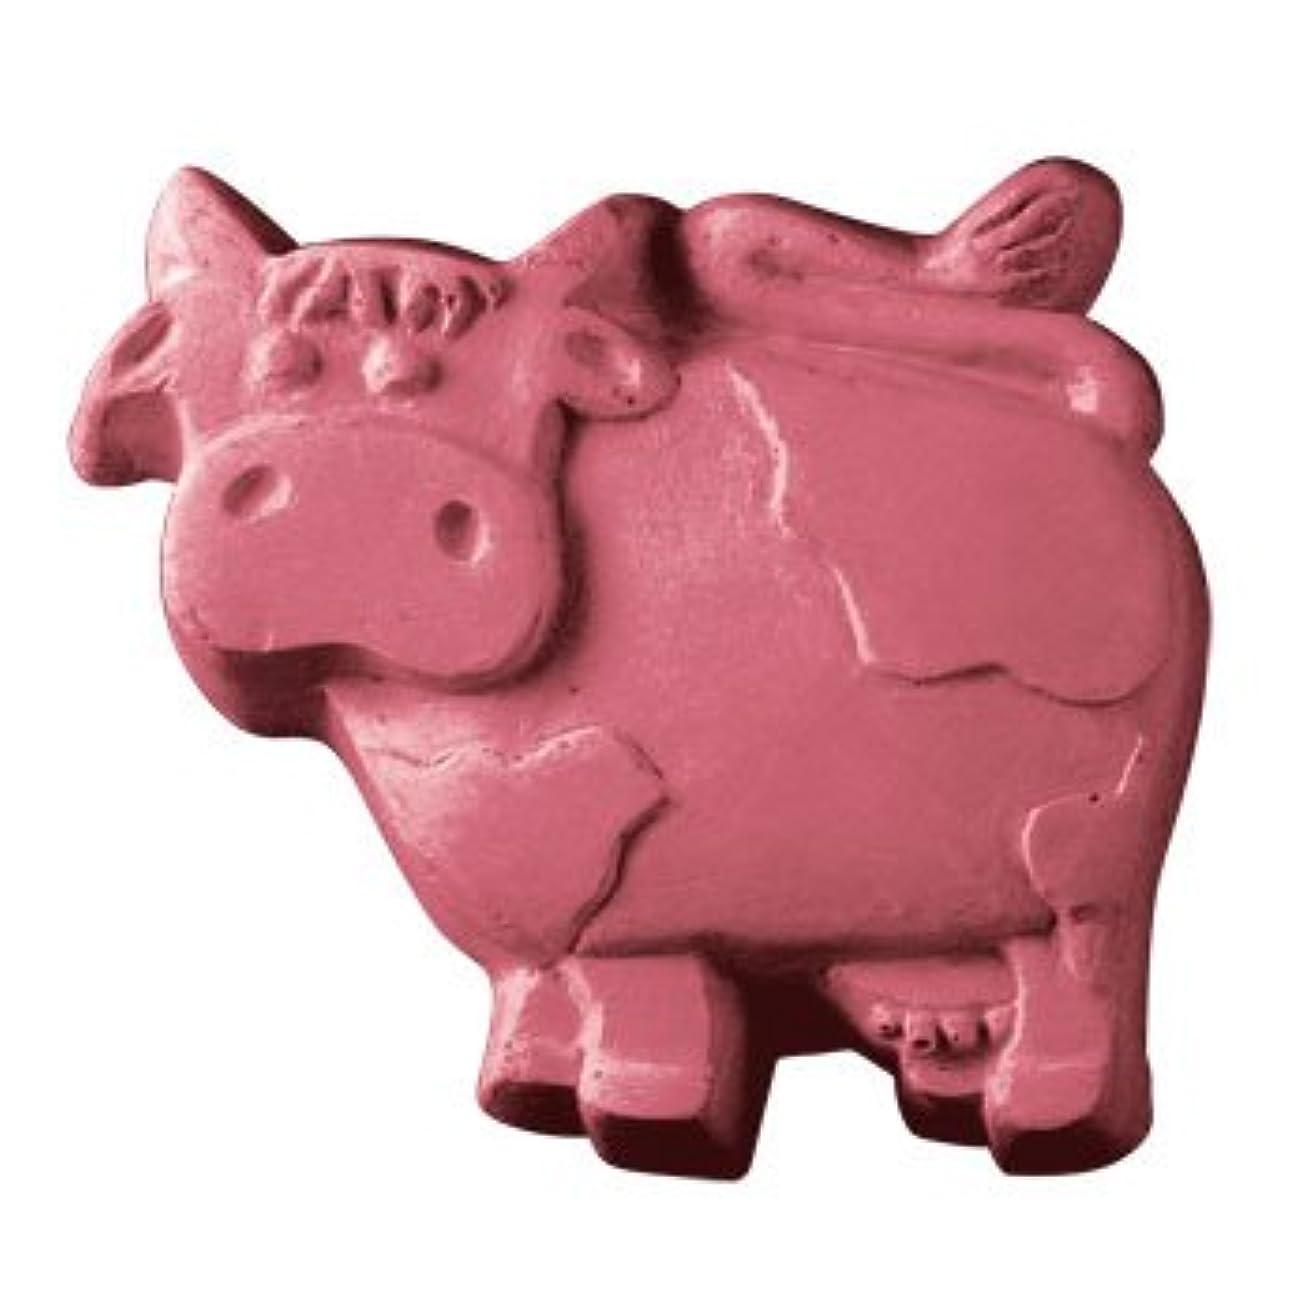 ナサニエル区適切にまつげミルキーウェイ 牛さん 【ソープモールド/石鹸型/シートモールド】